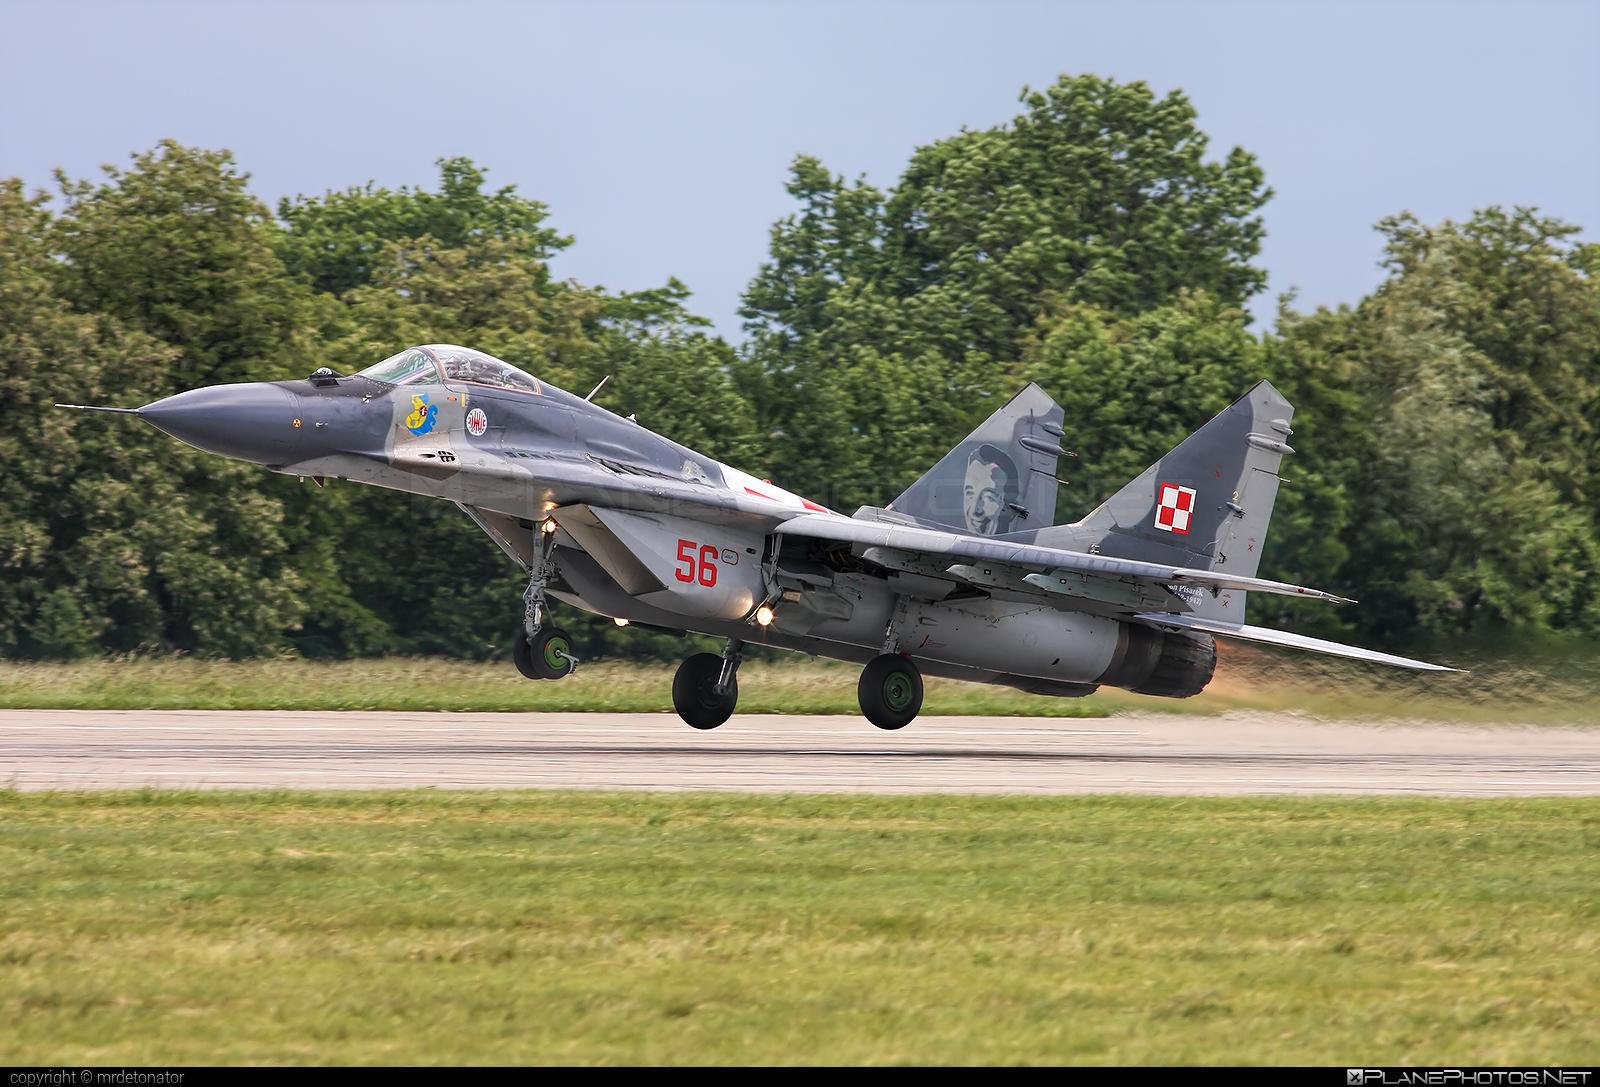 Mikoyan-Gurevich MiG-29A - 56 operated by Siły Powietrzne Rzeczypospolitej Polskiej (Polish Air Force) #mig #mig29 #mig29a #mikoyangurevich #polishairforce #silypowietrzne